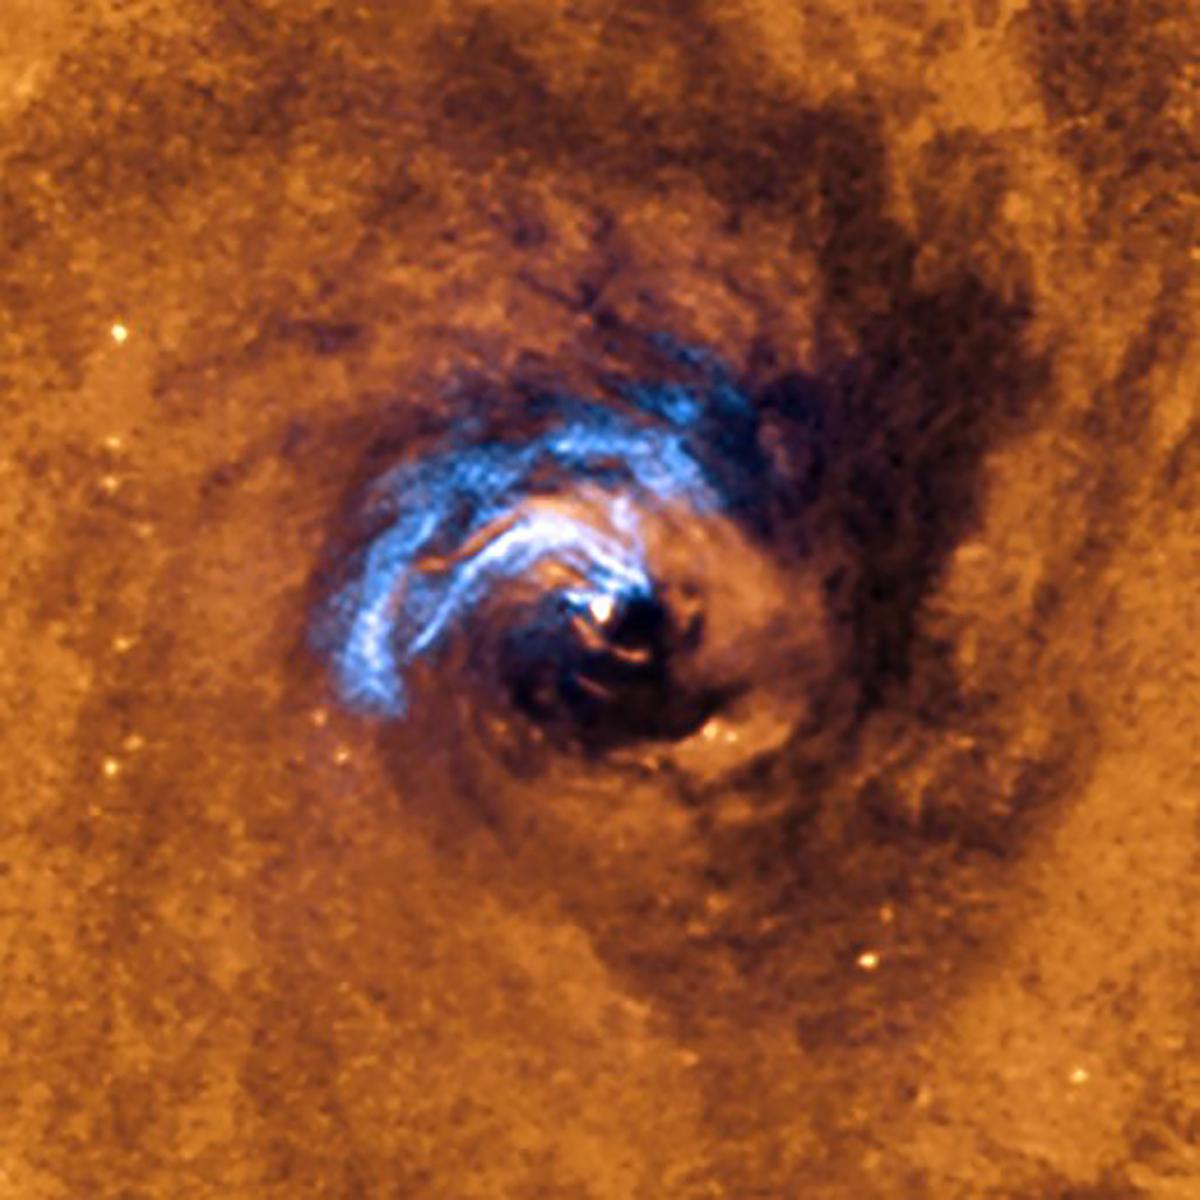 La imagen muestra el proceso de alimentación nuclear de un agujero negro en la galaxia NGC 1566 y cómo los filamentos de polvo que envuelven el núcleo activo quedan atrapados y giran en espiral alrededor del agujero negro hasta que son tragados por él.